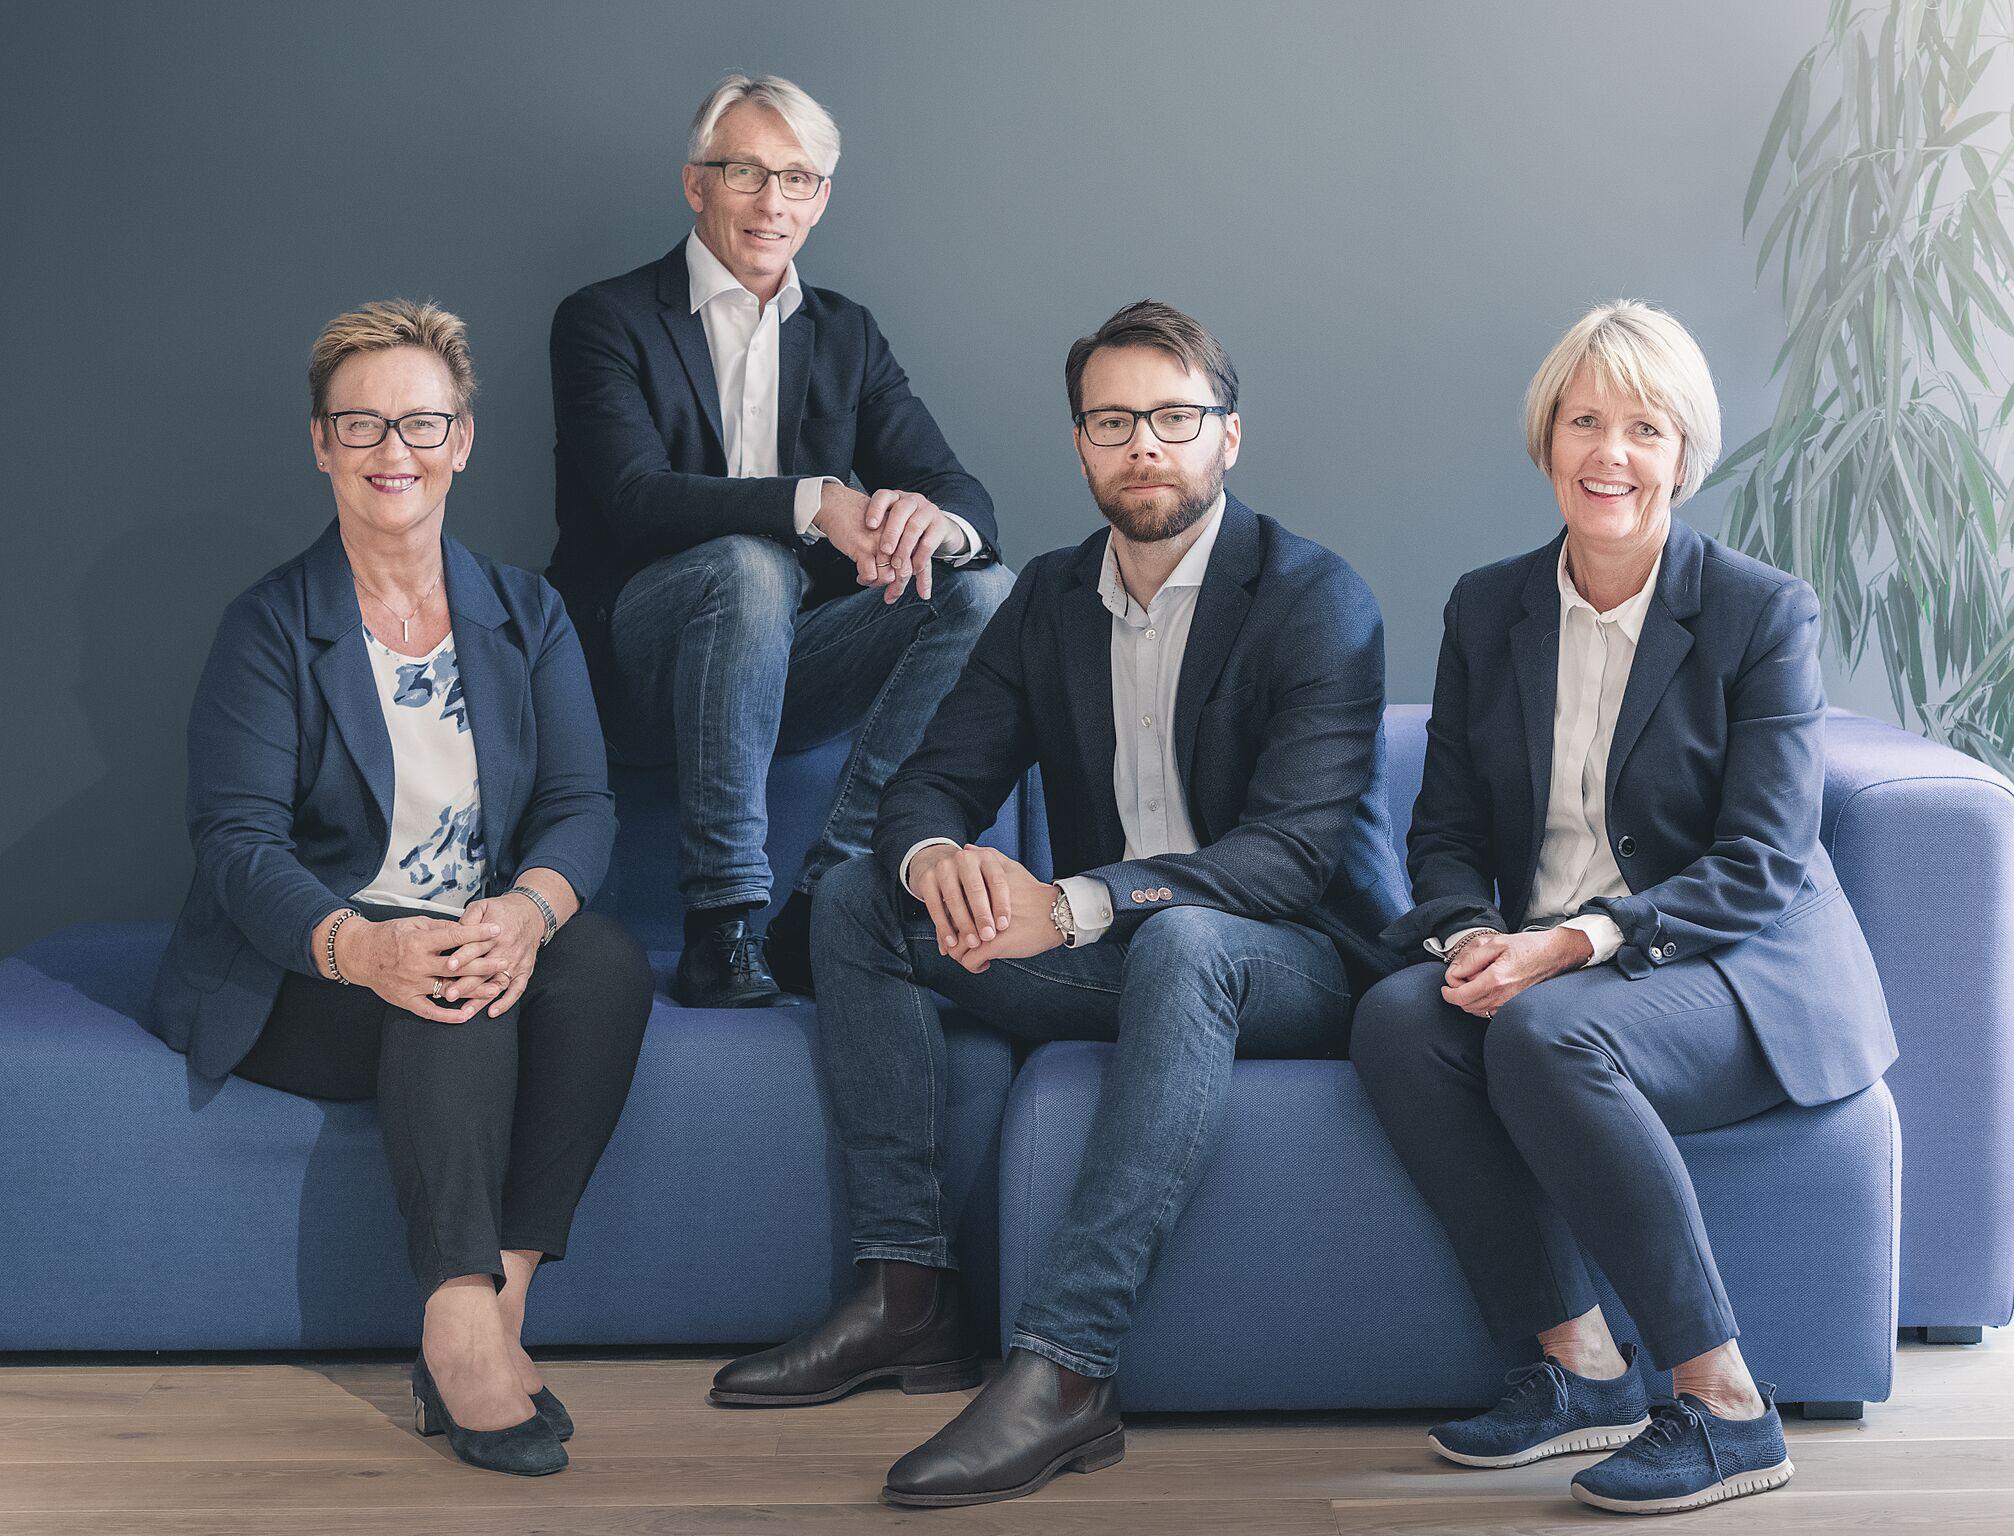 August startet veldig koselig sammen med hodene bak Nidarholm Invest.